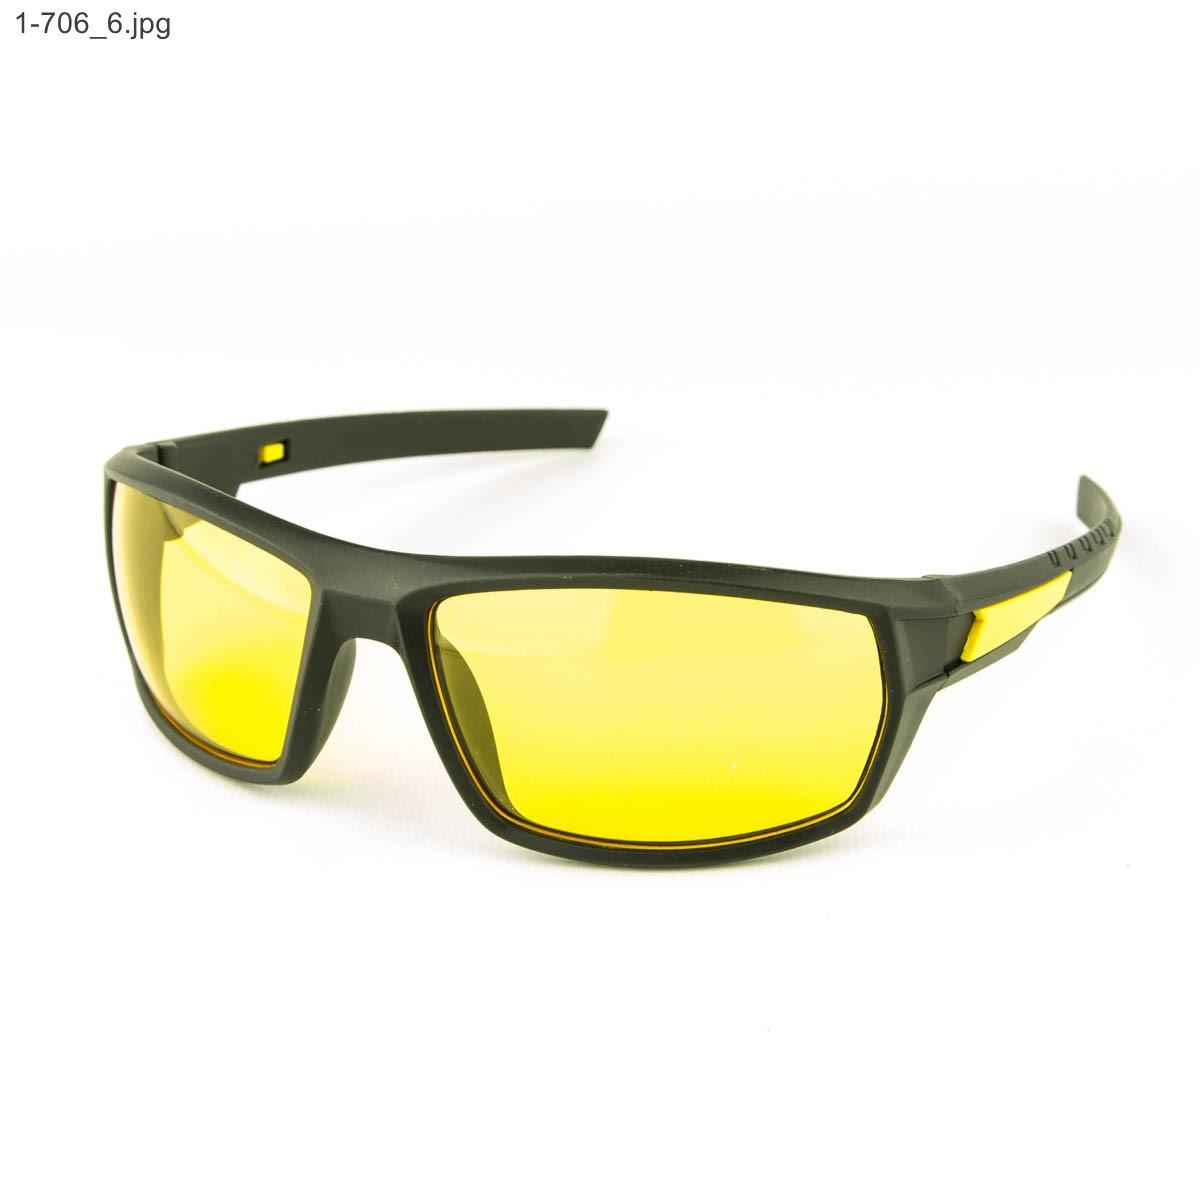 Мужские спортивные очки черные с желтой линзой - 1-706